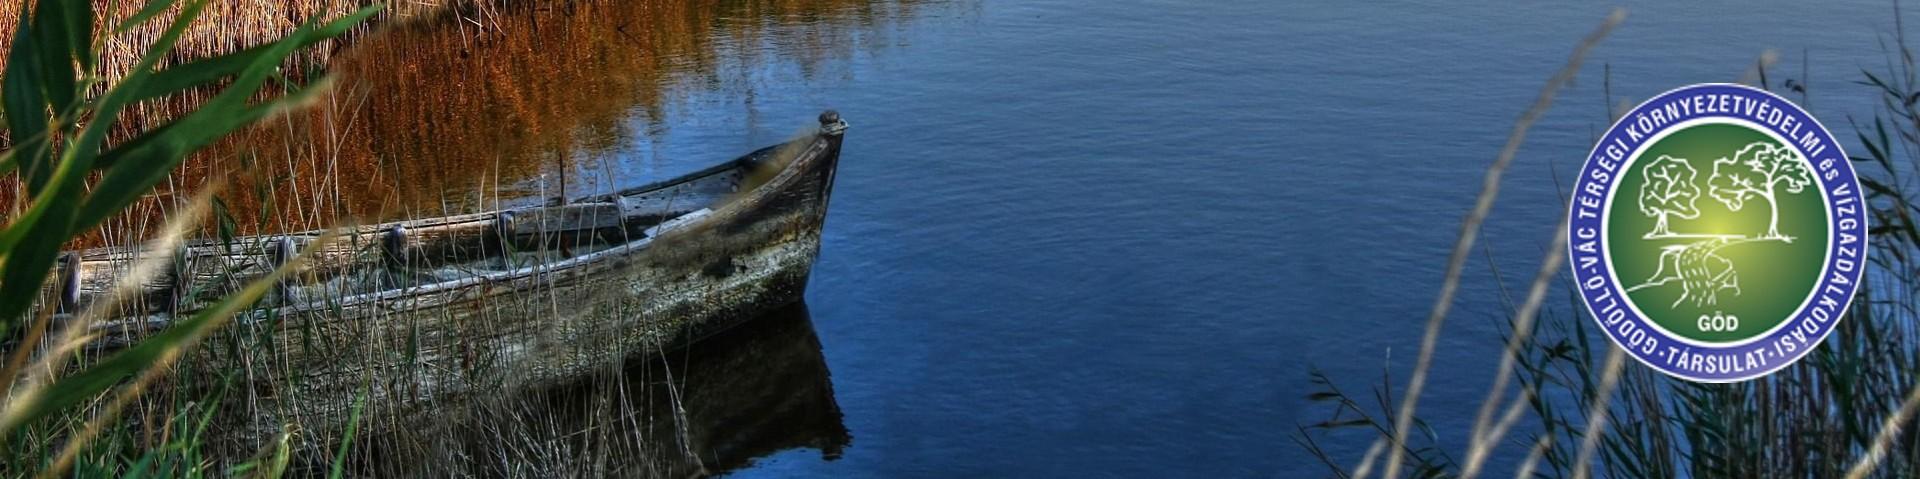 Gödöllő-Vác Térségi Környezetvédelmi, Beruházó és Szolgálató Vízgazdálkodási Társulat